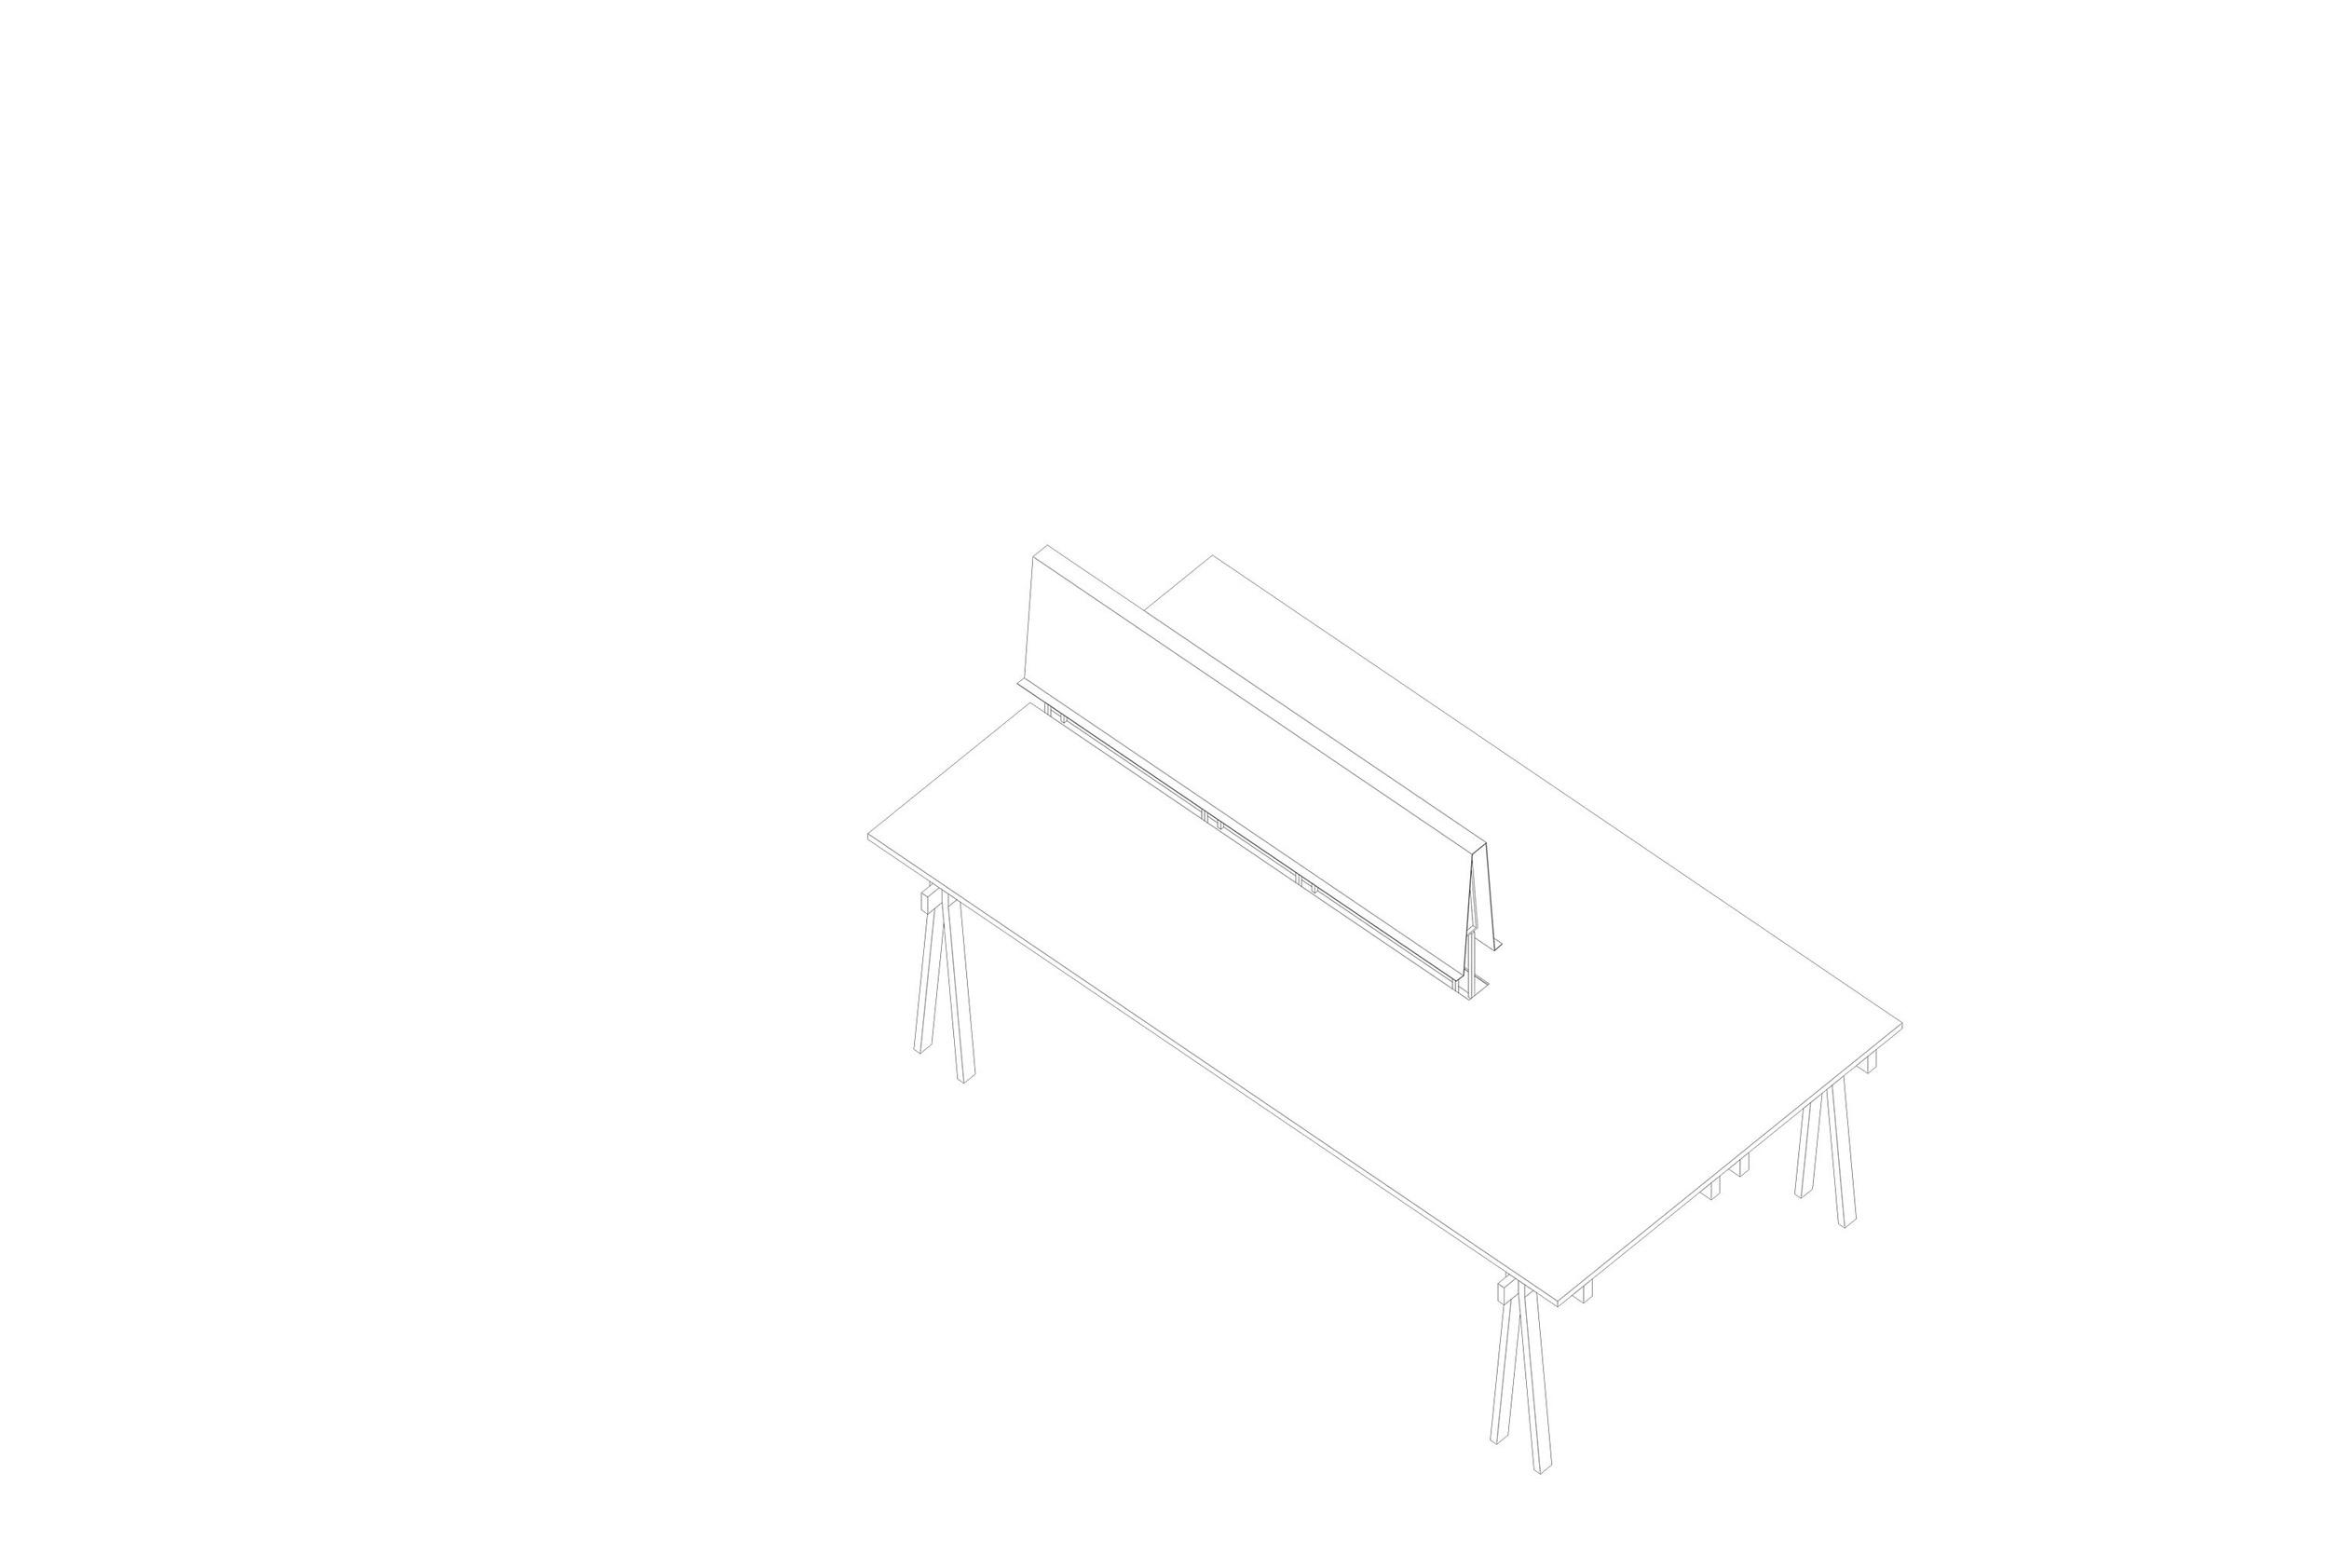 MC 2200   Estructura metálica con vigas de madera maciza de guatambú. Sistema de ensamble con bandeja intermedia.  Dimensiones: - 2200 x 850 x 1200  Material de tabla: formica/madera natural   Valor por unidad  $24960.- + I.V.A.  Valor por set (2 u.)    $36960.-+ I.V.A.